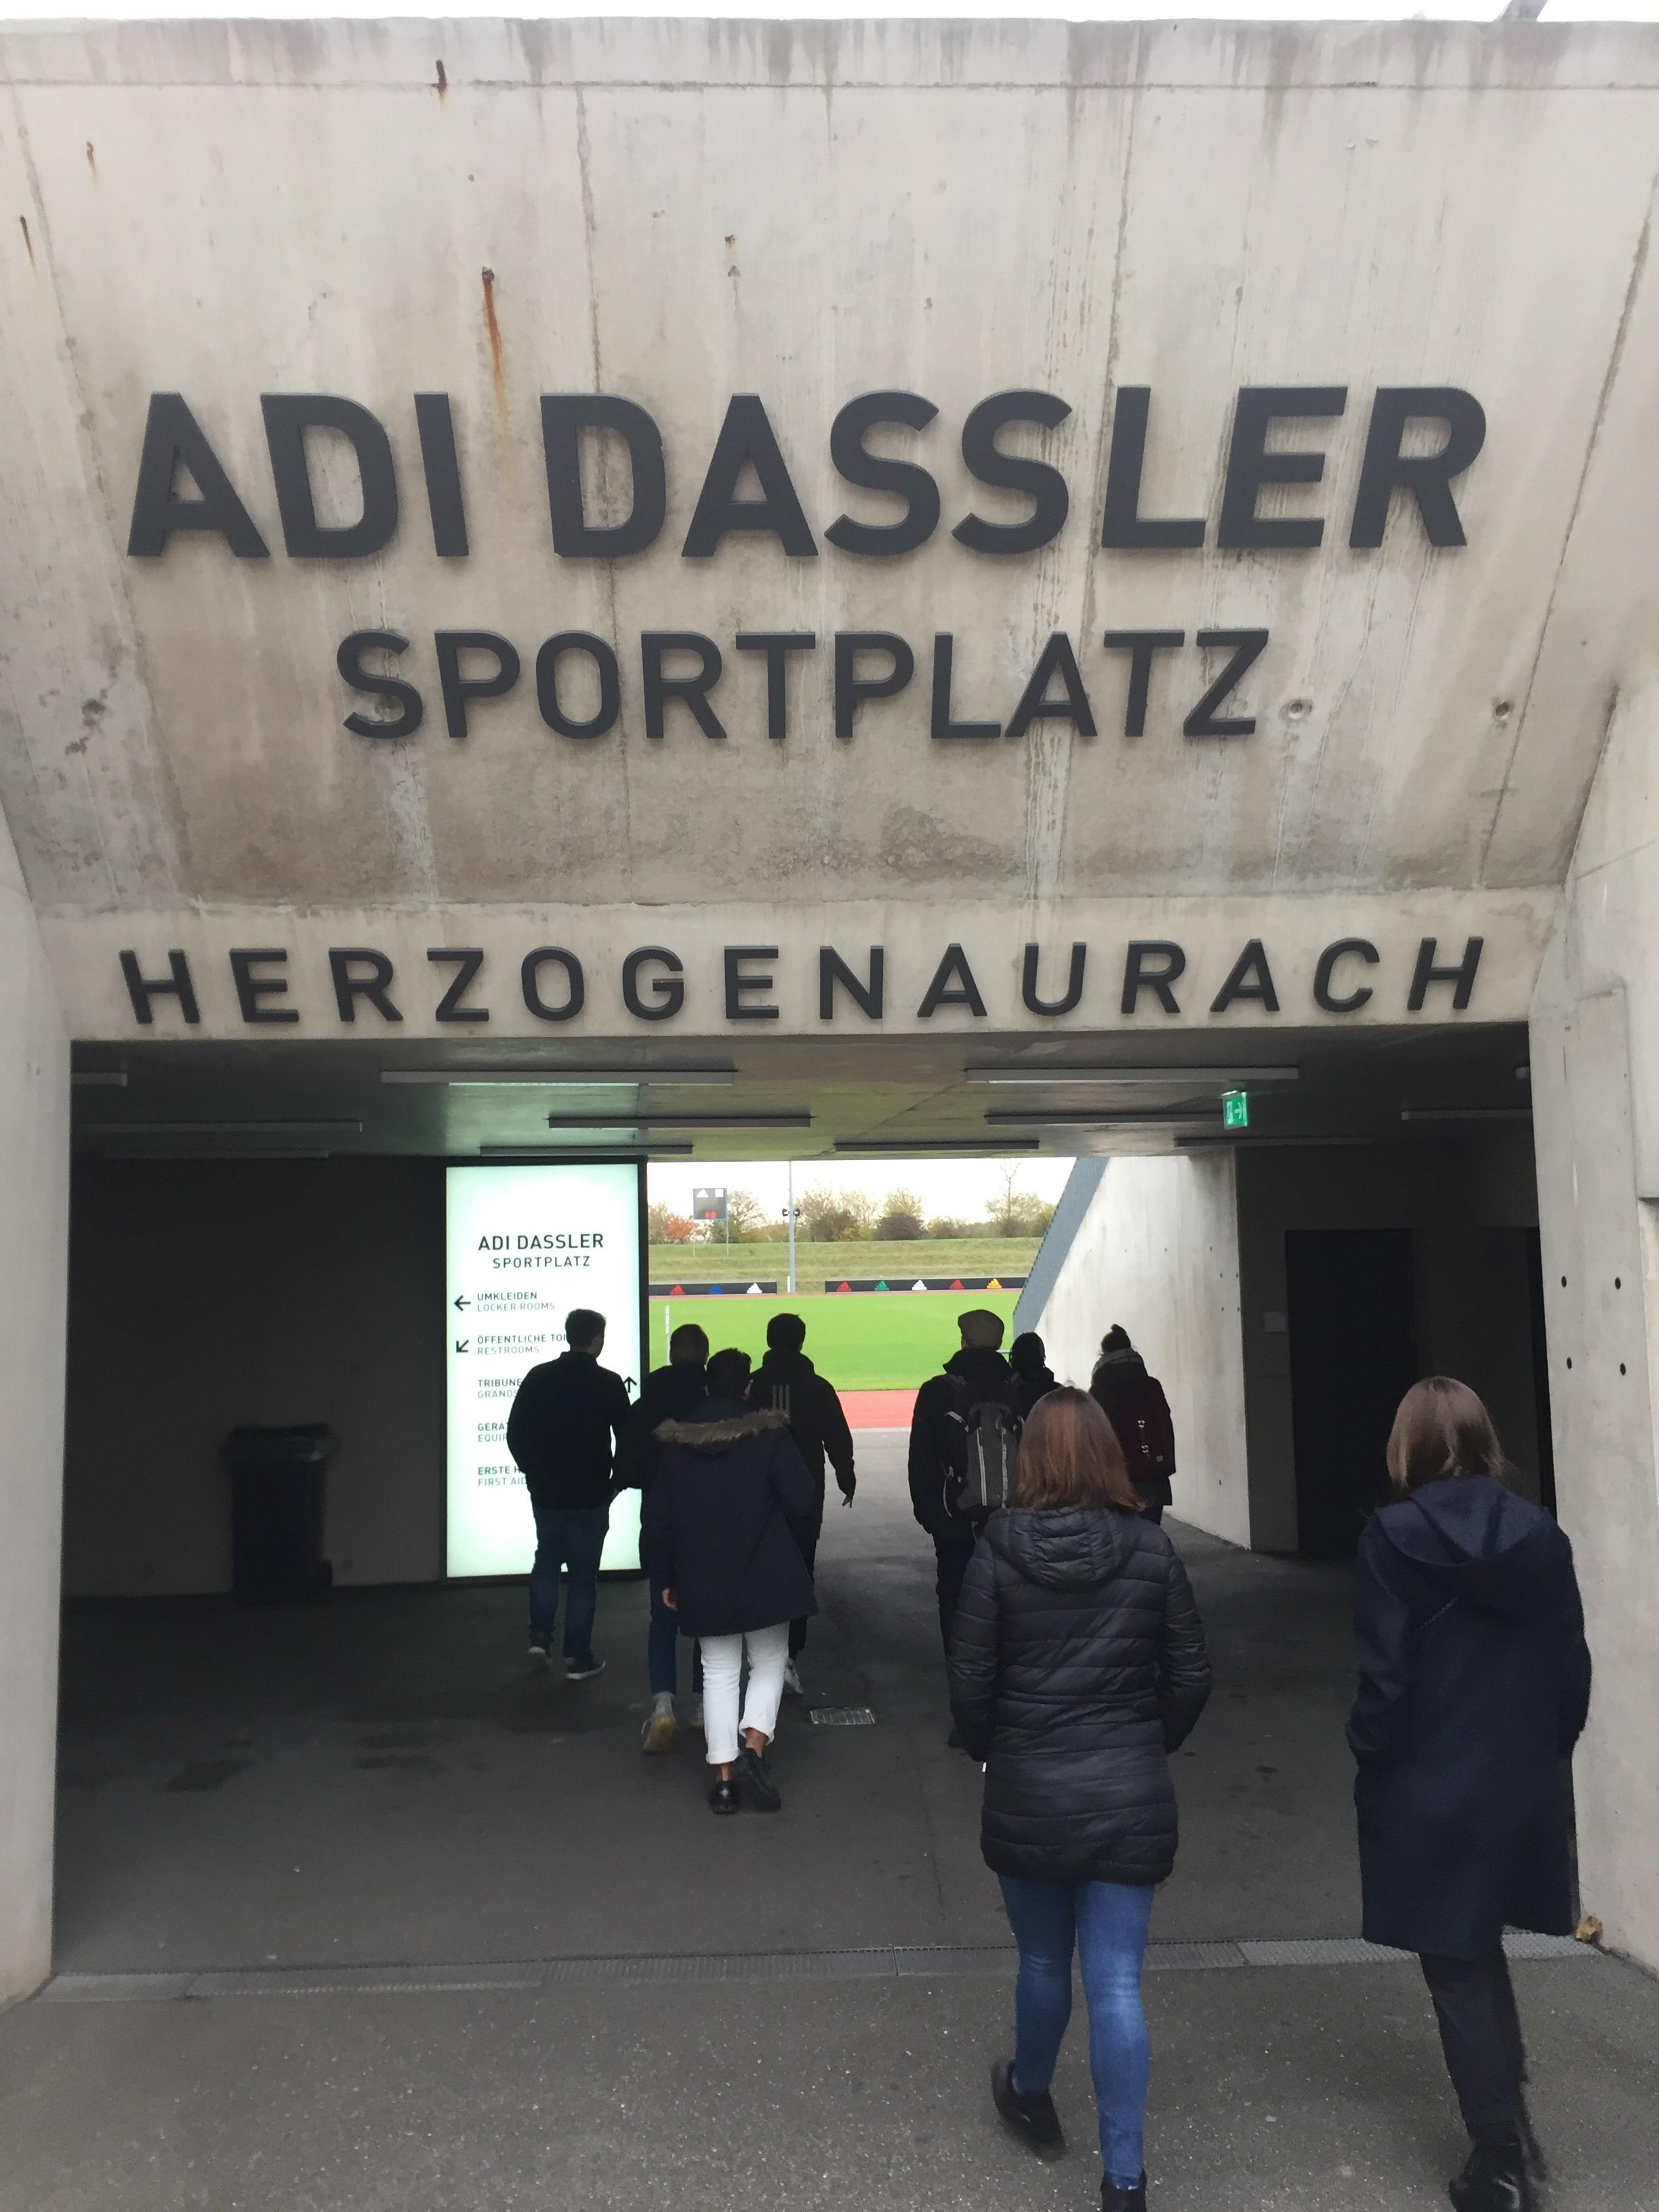 Sportplatz Adi Dassler